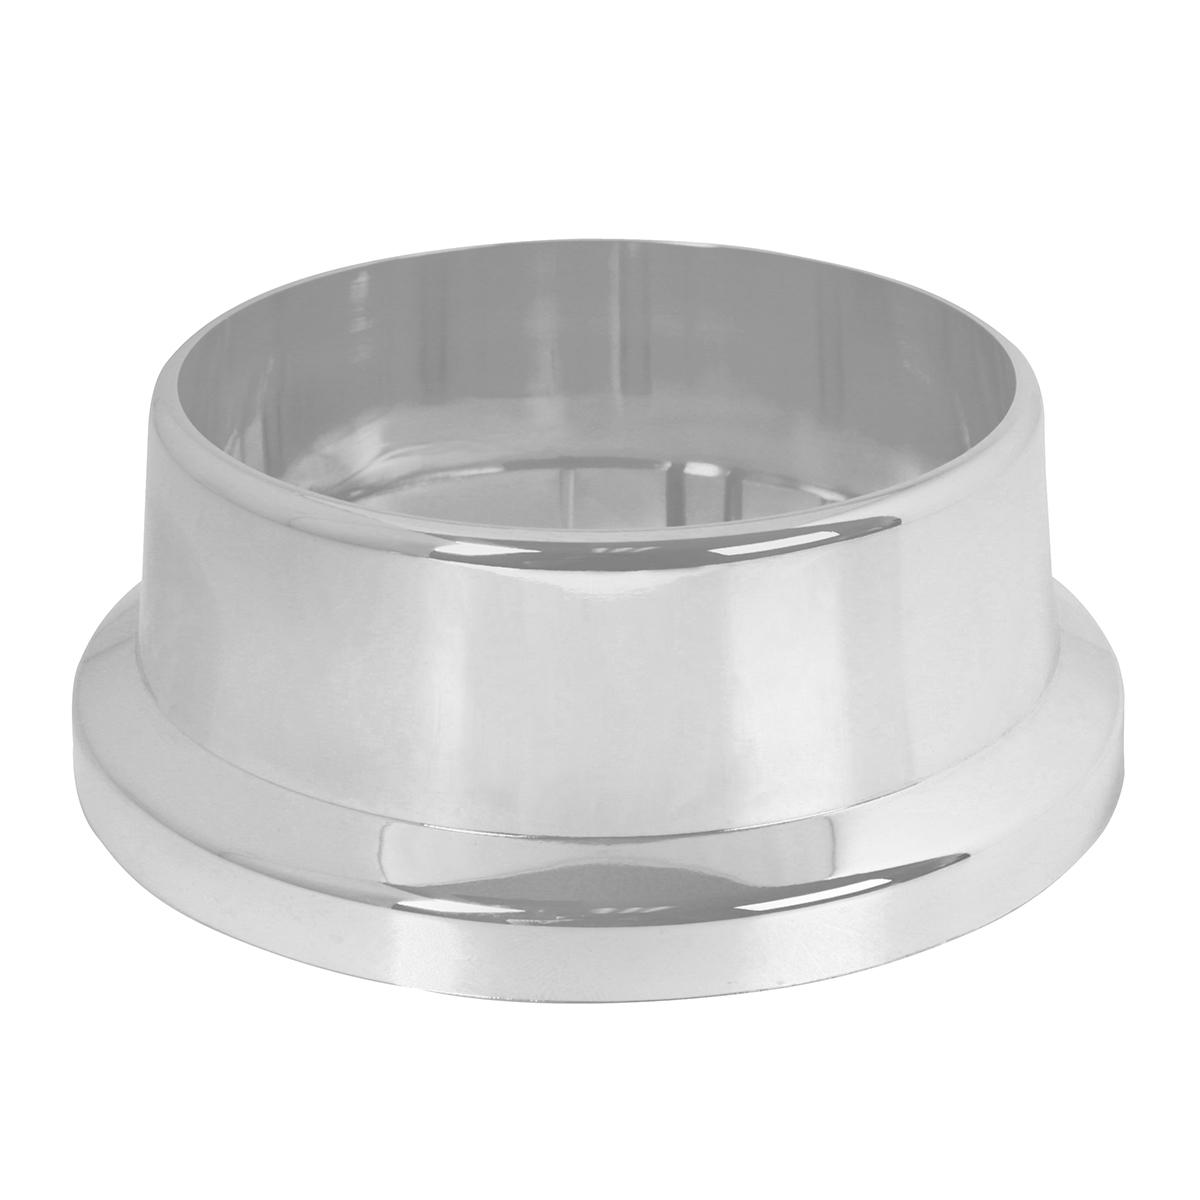 54020 Chrome Plastic Steering Wheel Collar Cover